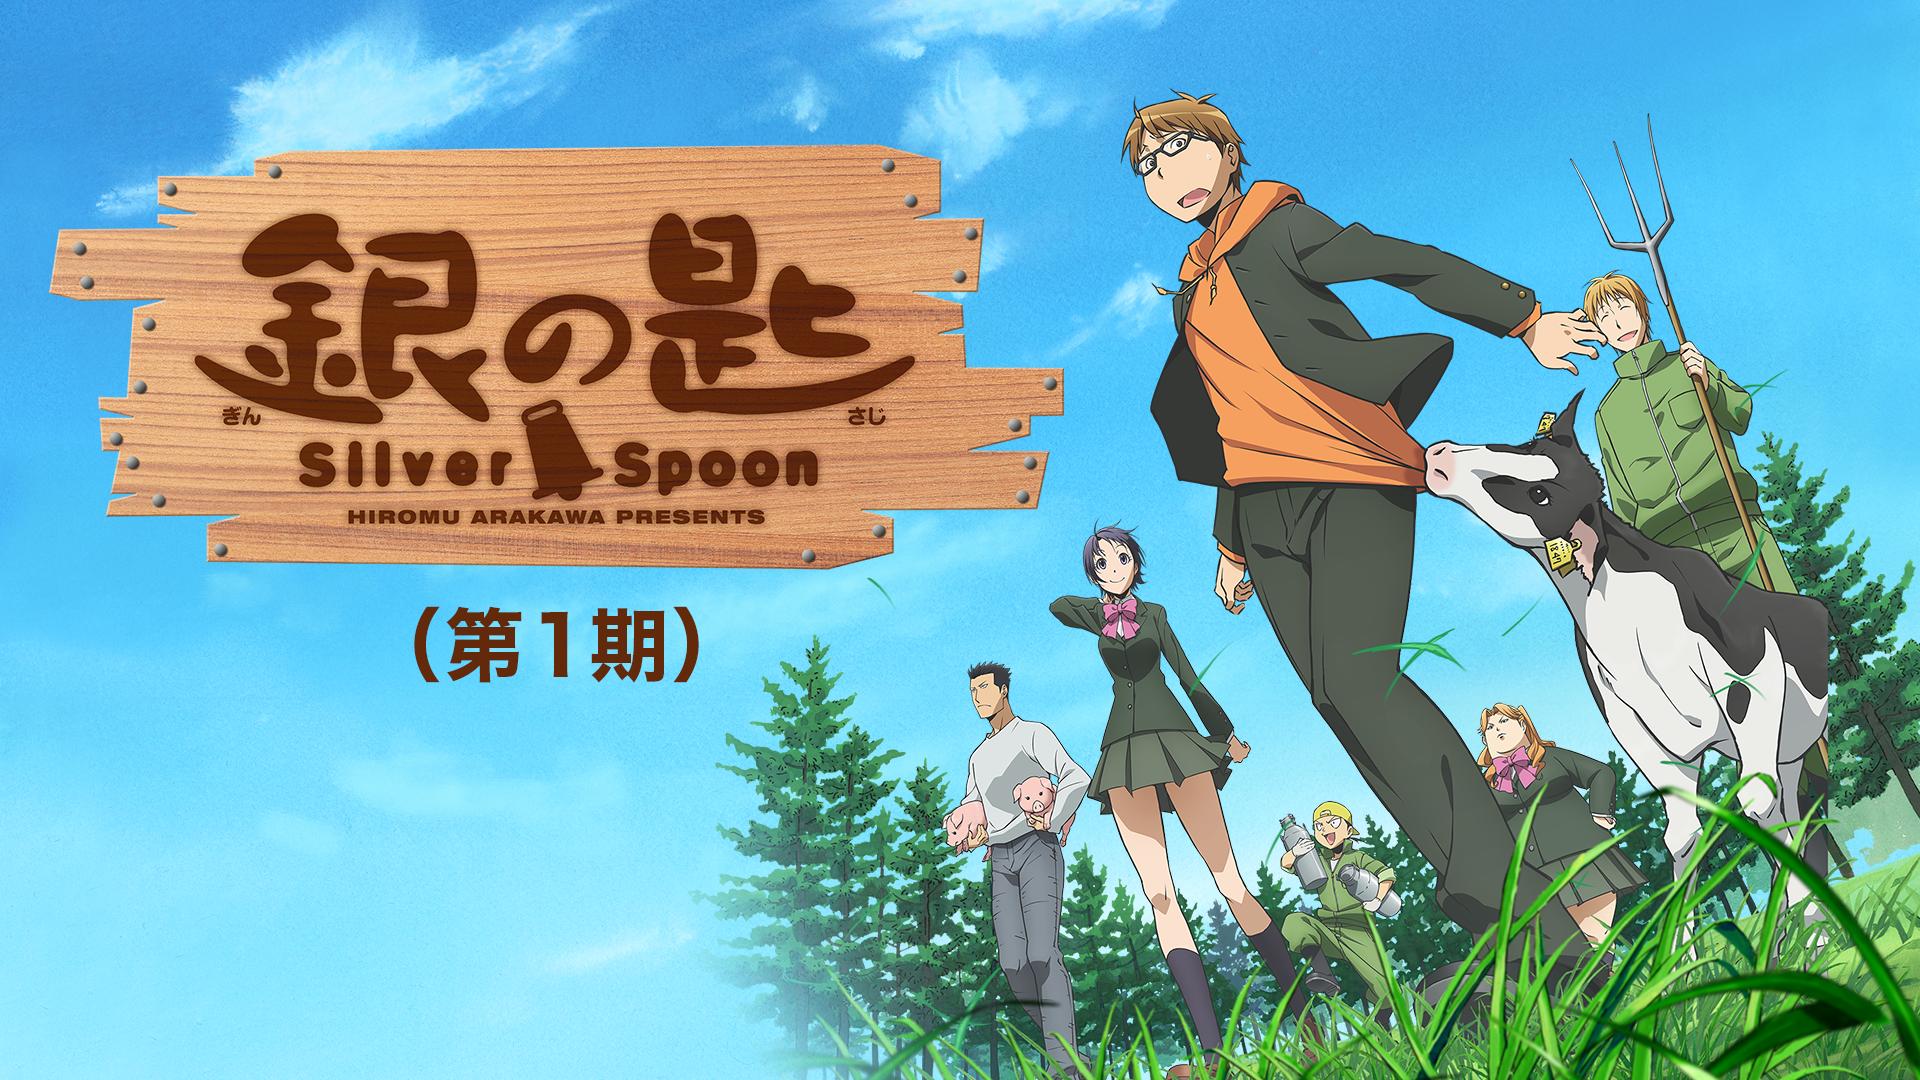 【アニメ】銀の匙 Silver Spoonのレビュー・予告・あらすじ